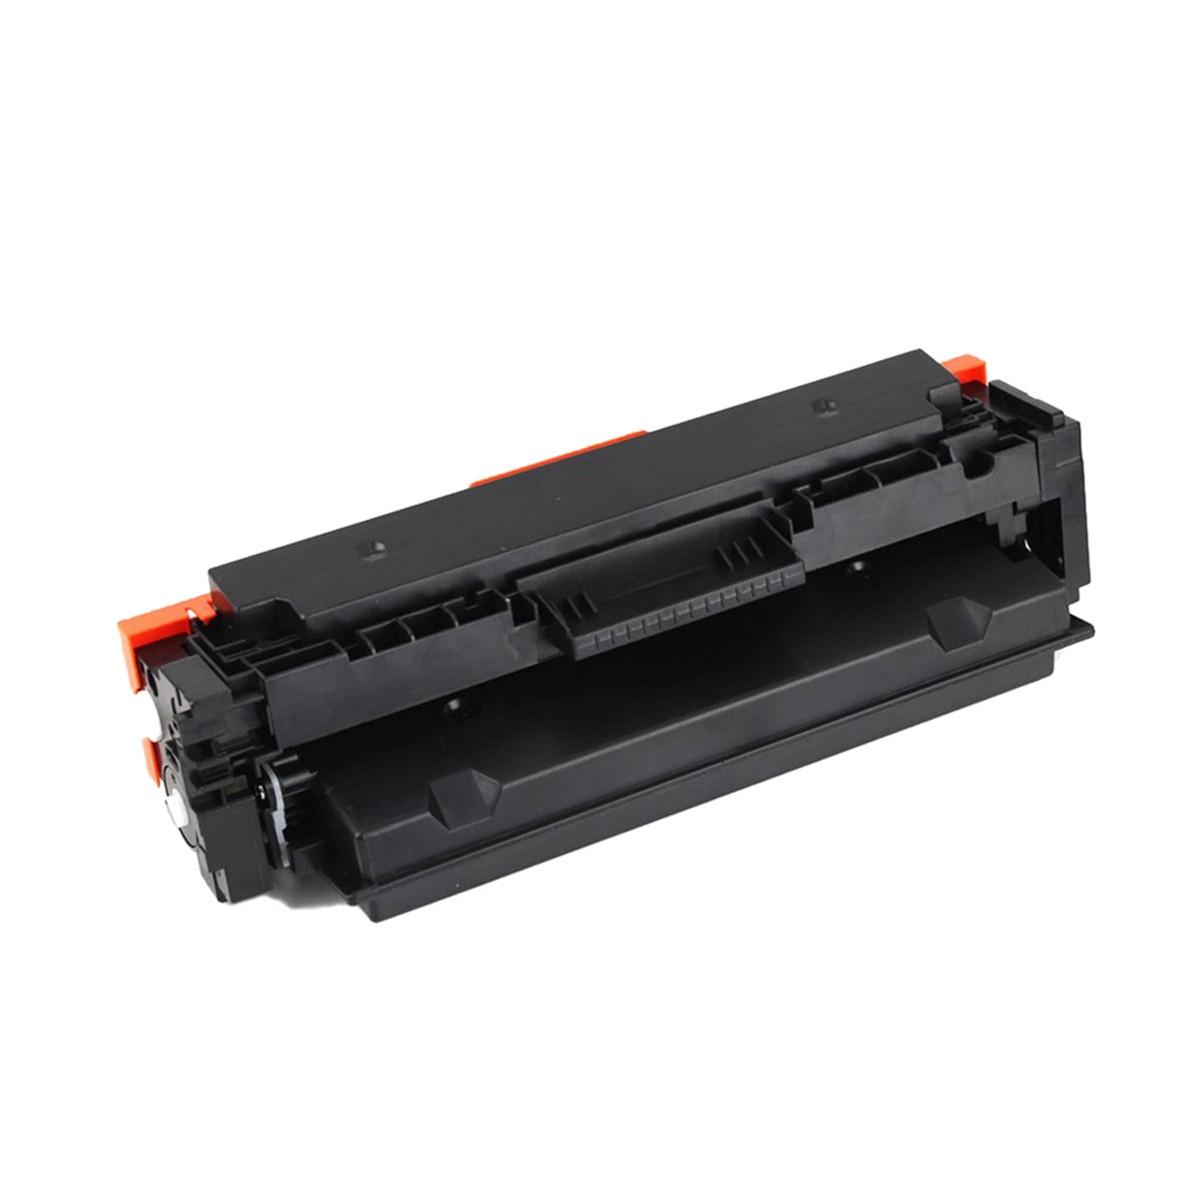 Toner Compatível com HP CF411A Ciano | M452DW M452DN M477FDW M477FNW M477FDN | Importado 2.3k